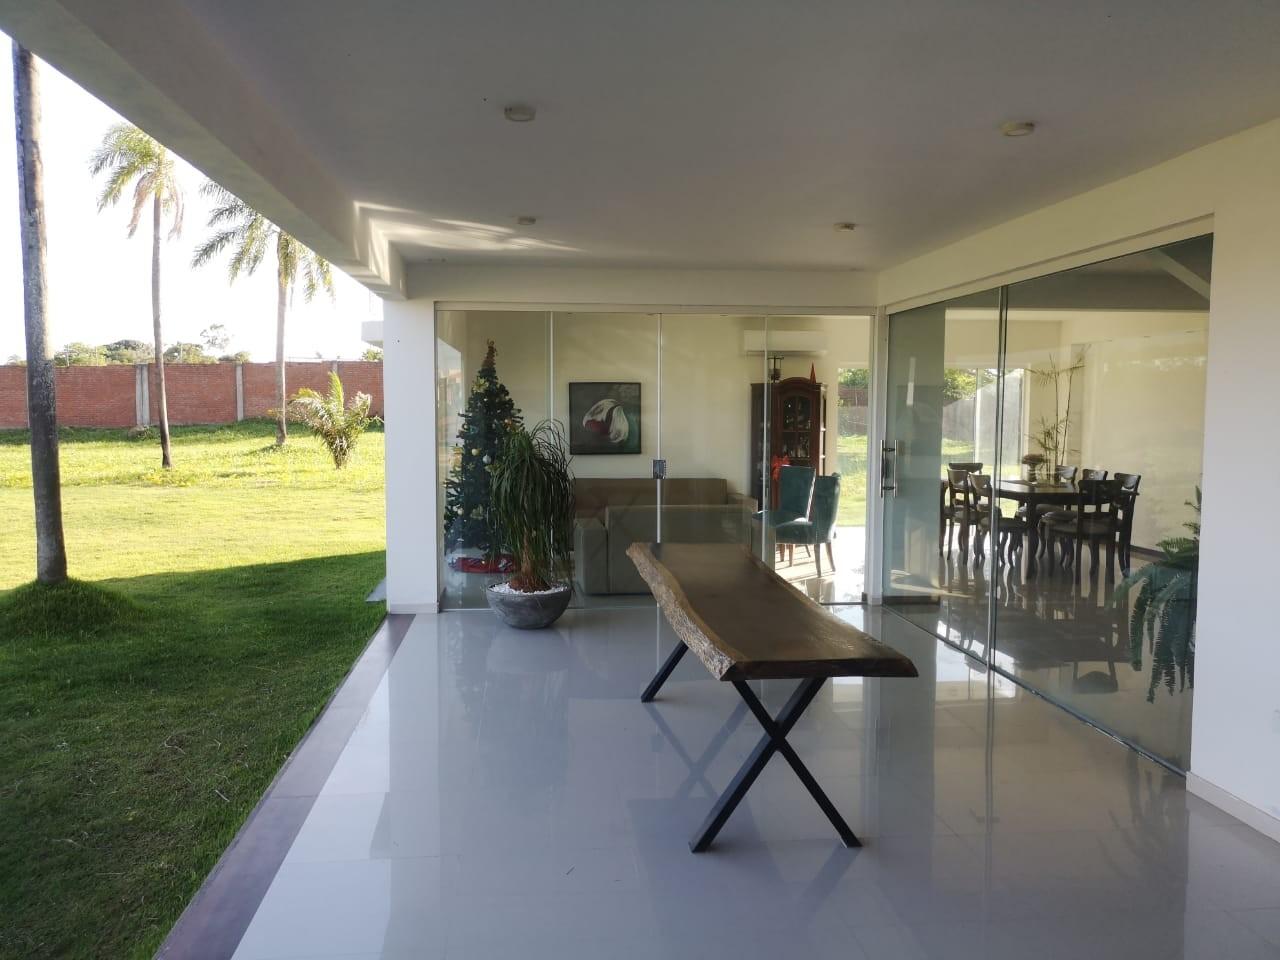 Casa en Venta ¡MODERNA Y AMPLIA CASA EN VENTA EN EL CONDOMINIO CERRADO LOMAS DEL BOSQUE, URUBO! Foto 10